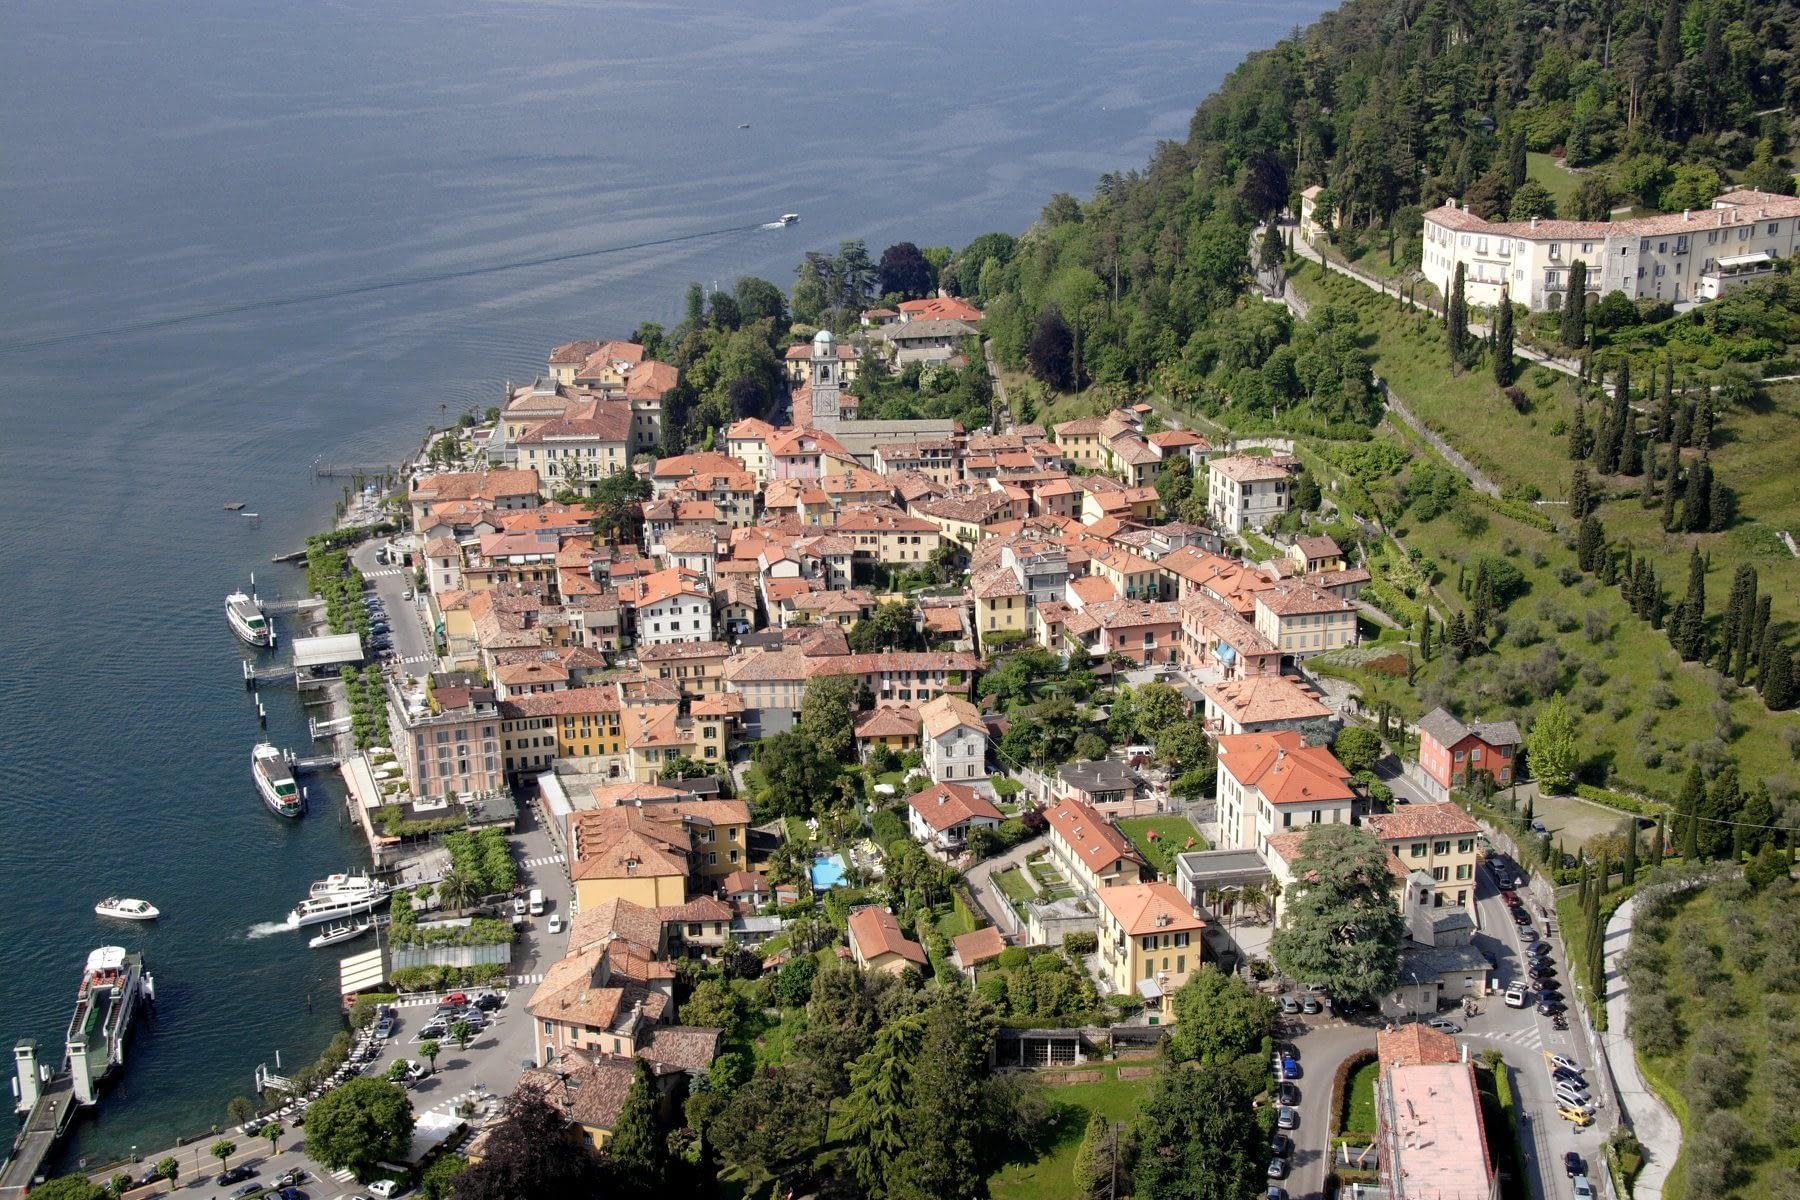 Veduta aerea del Centro di Bellagio con Villa Serbelloni